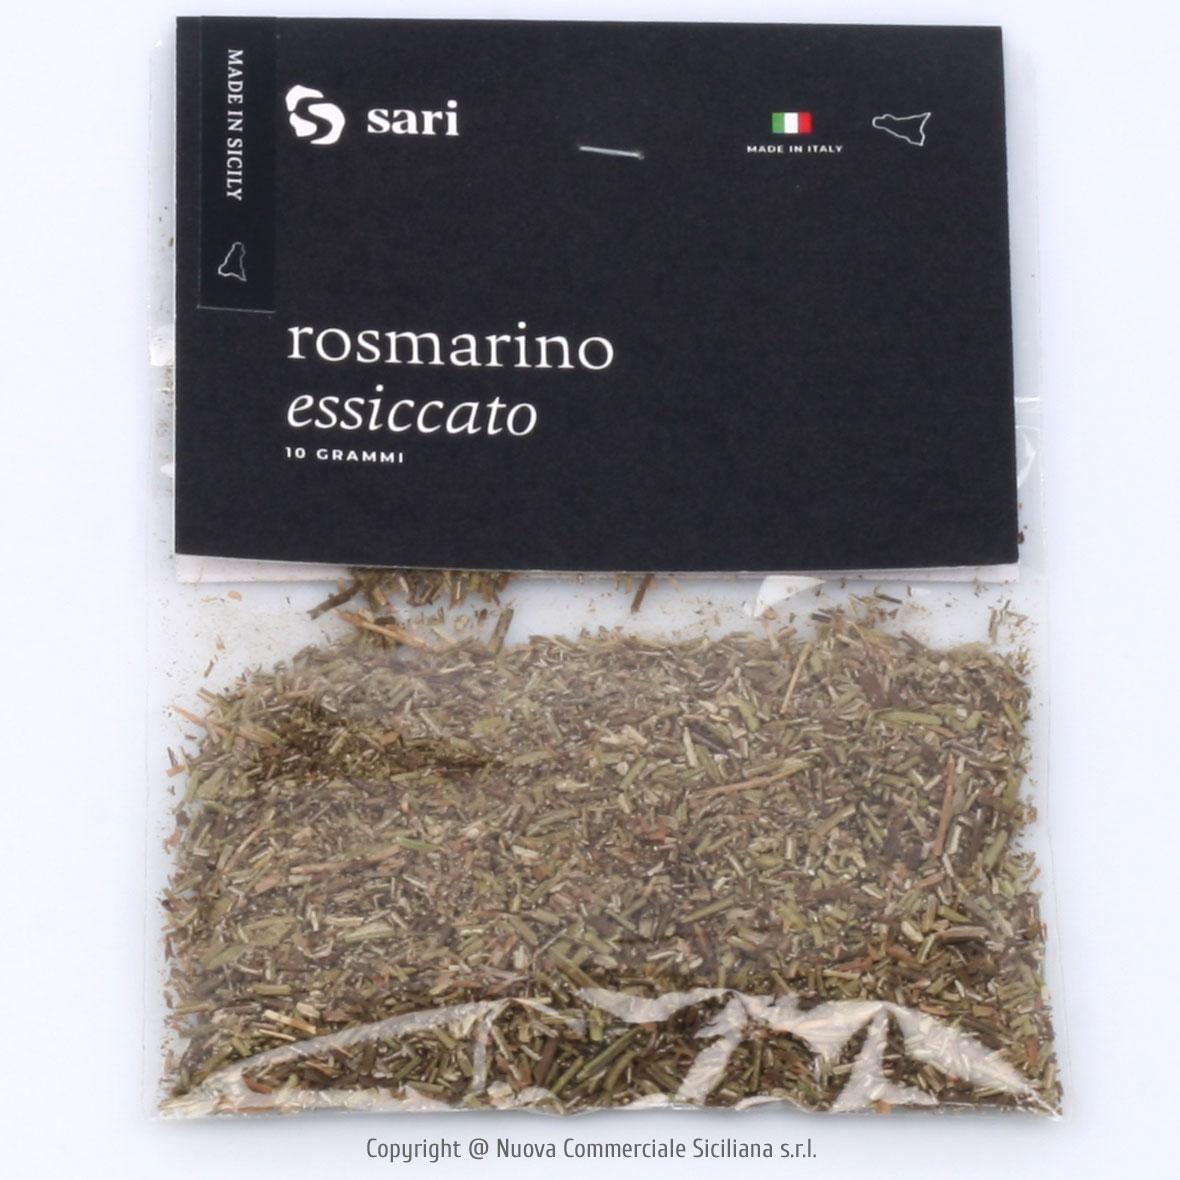 ROSMARINO ESSICCATO SICILIANO GR 10